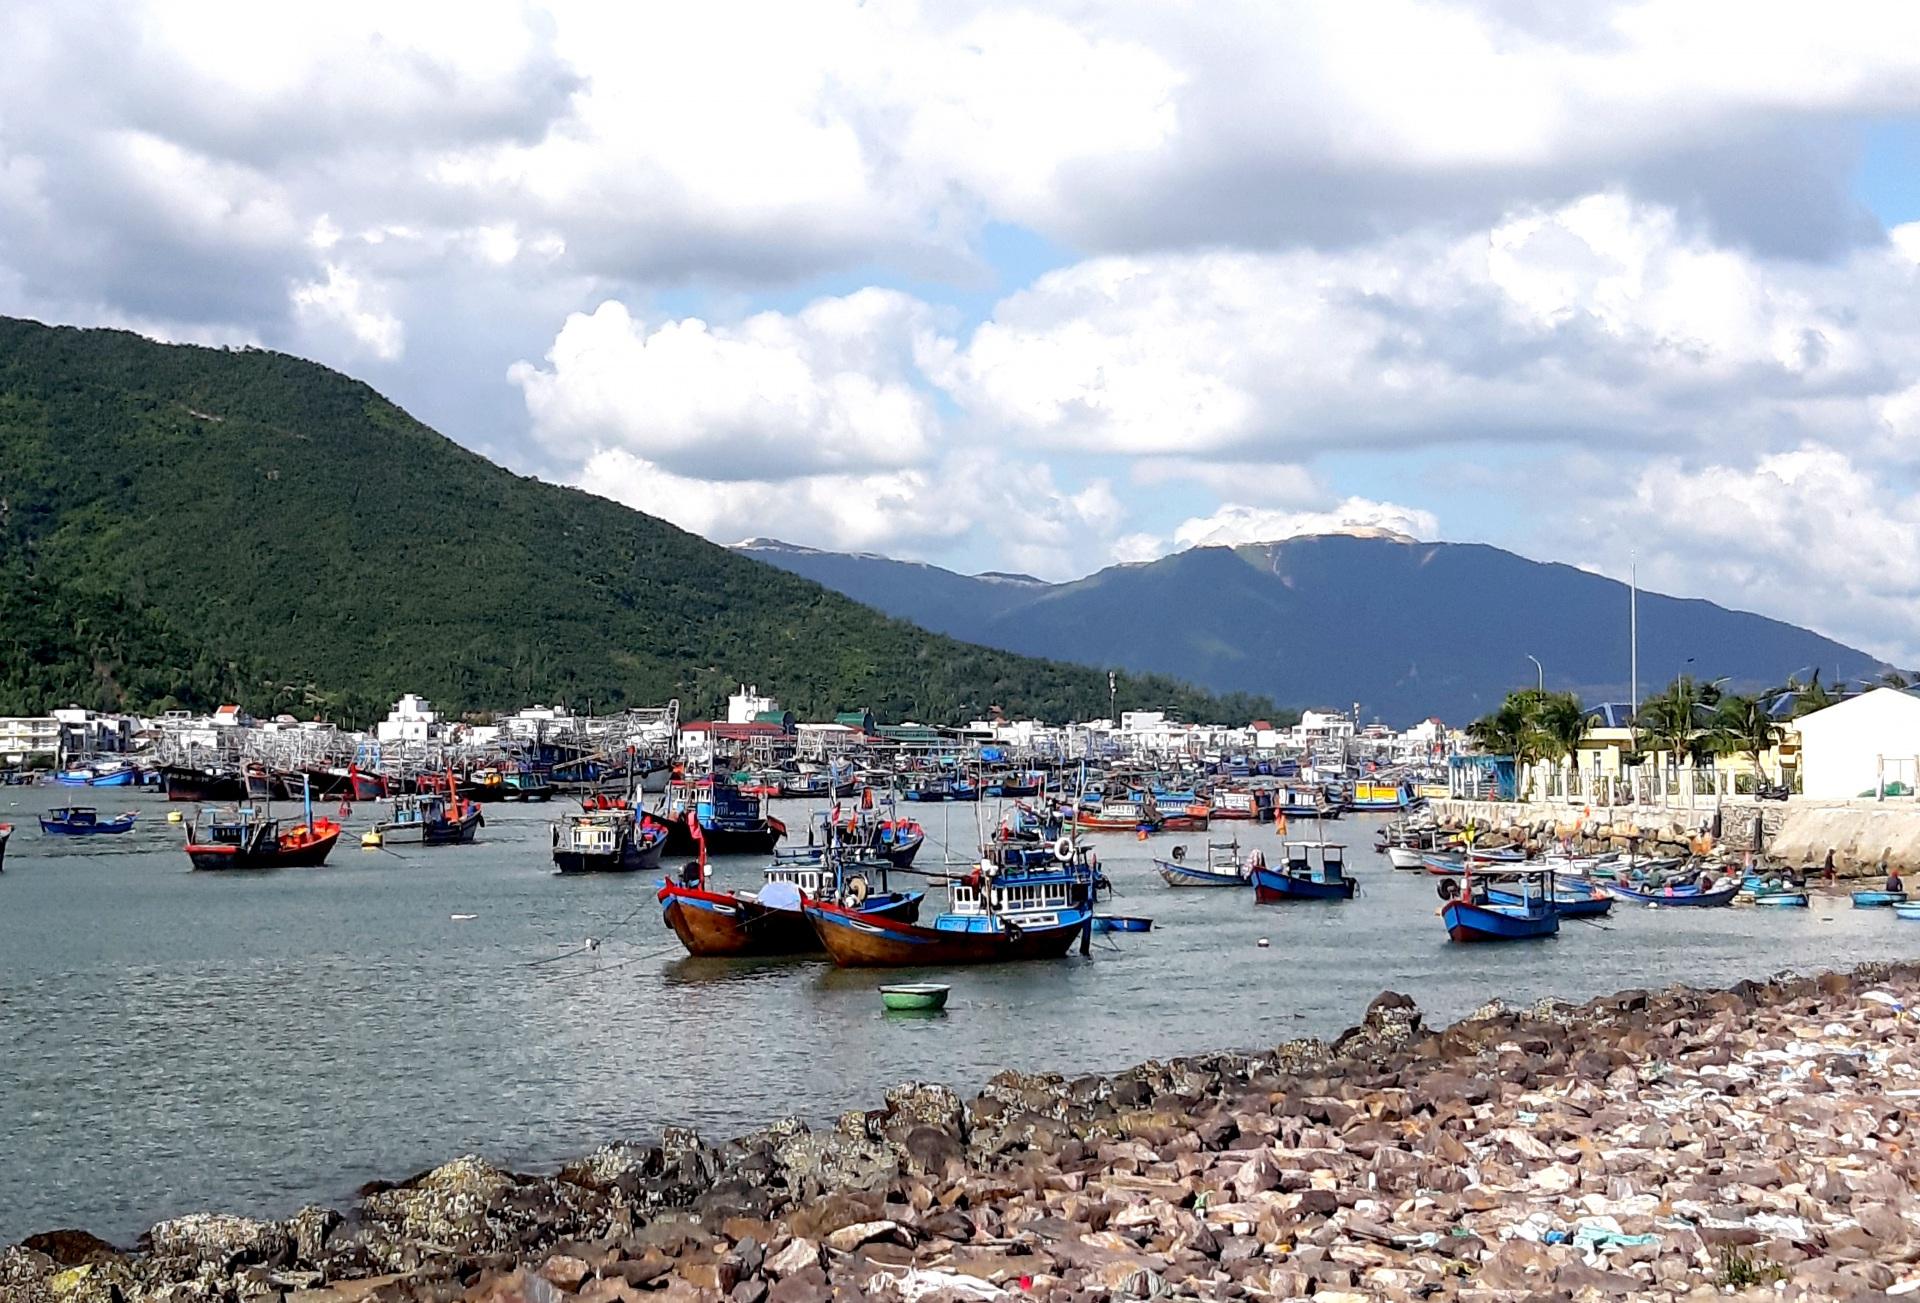 Công ty Cổ phần phát triển đô thị Vĩnh Thái có khai thác khoáng sản trái phép dưới vỏ bọc Dự án nạo vét hay không?